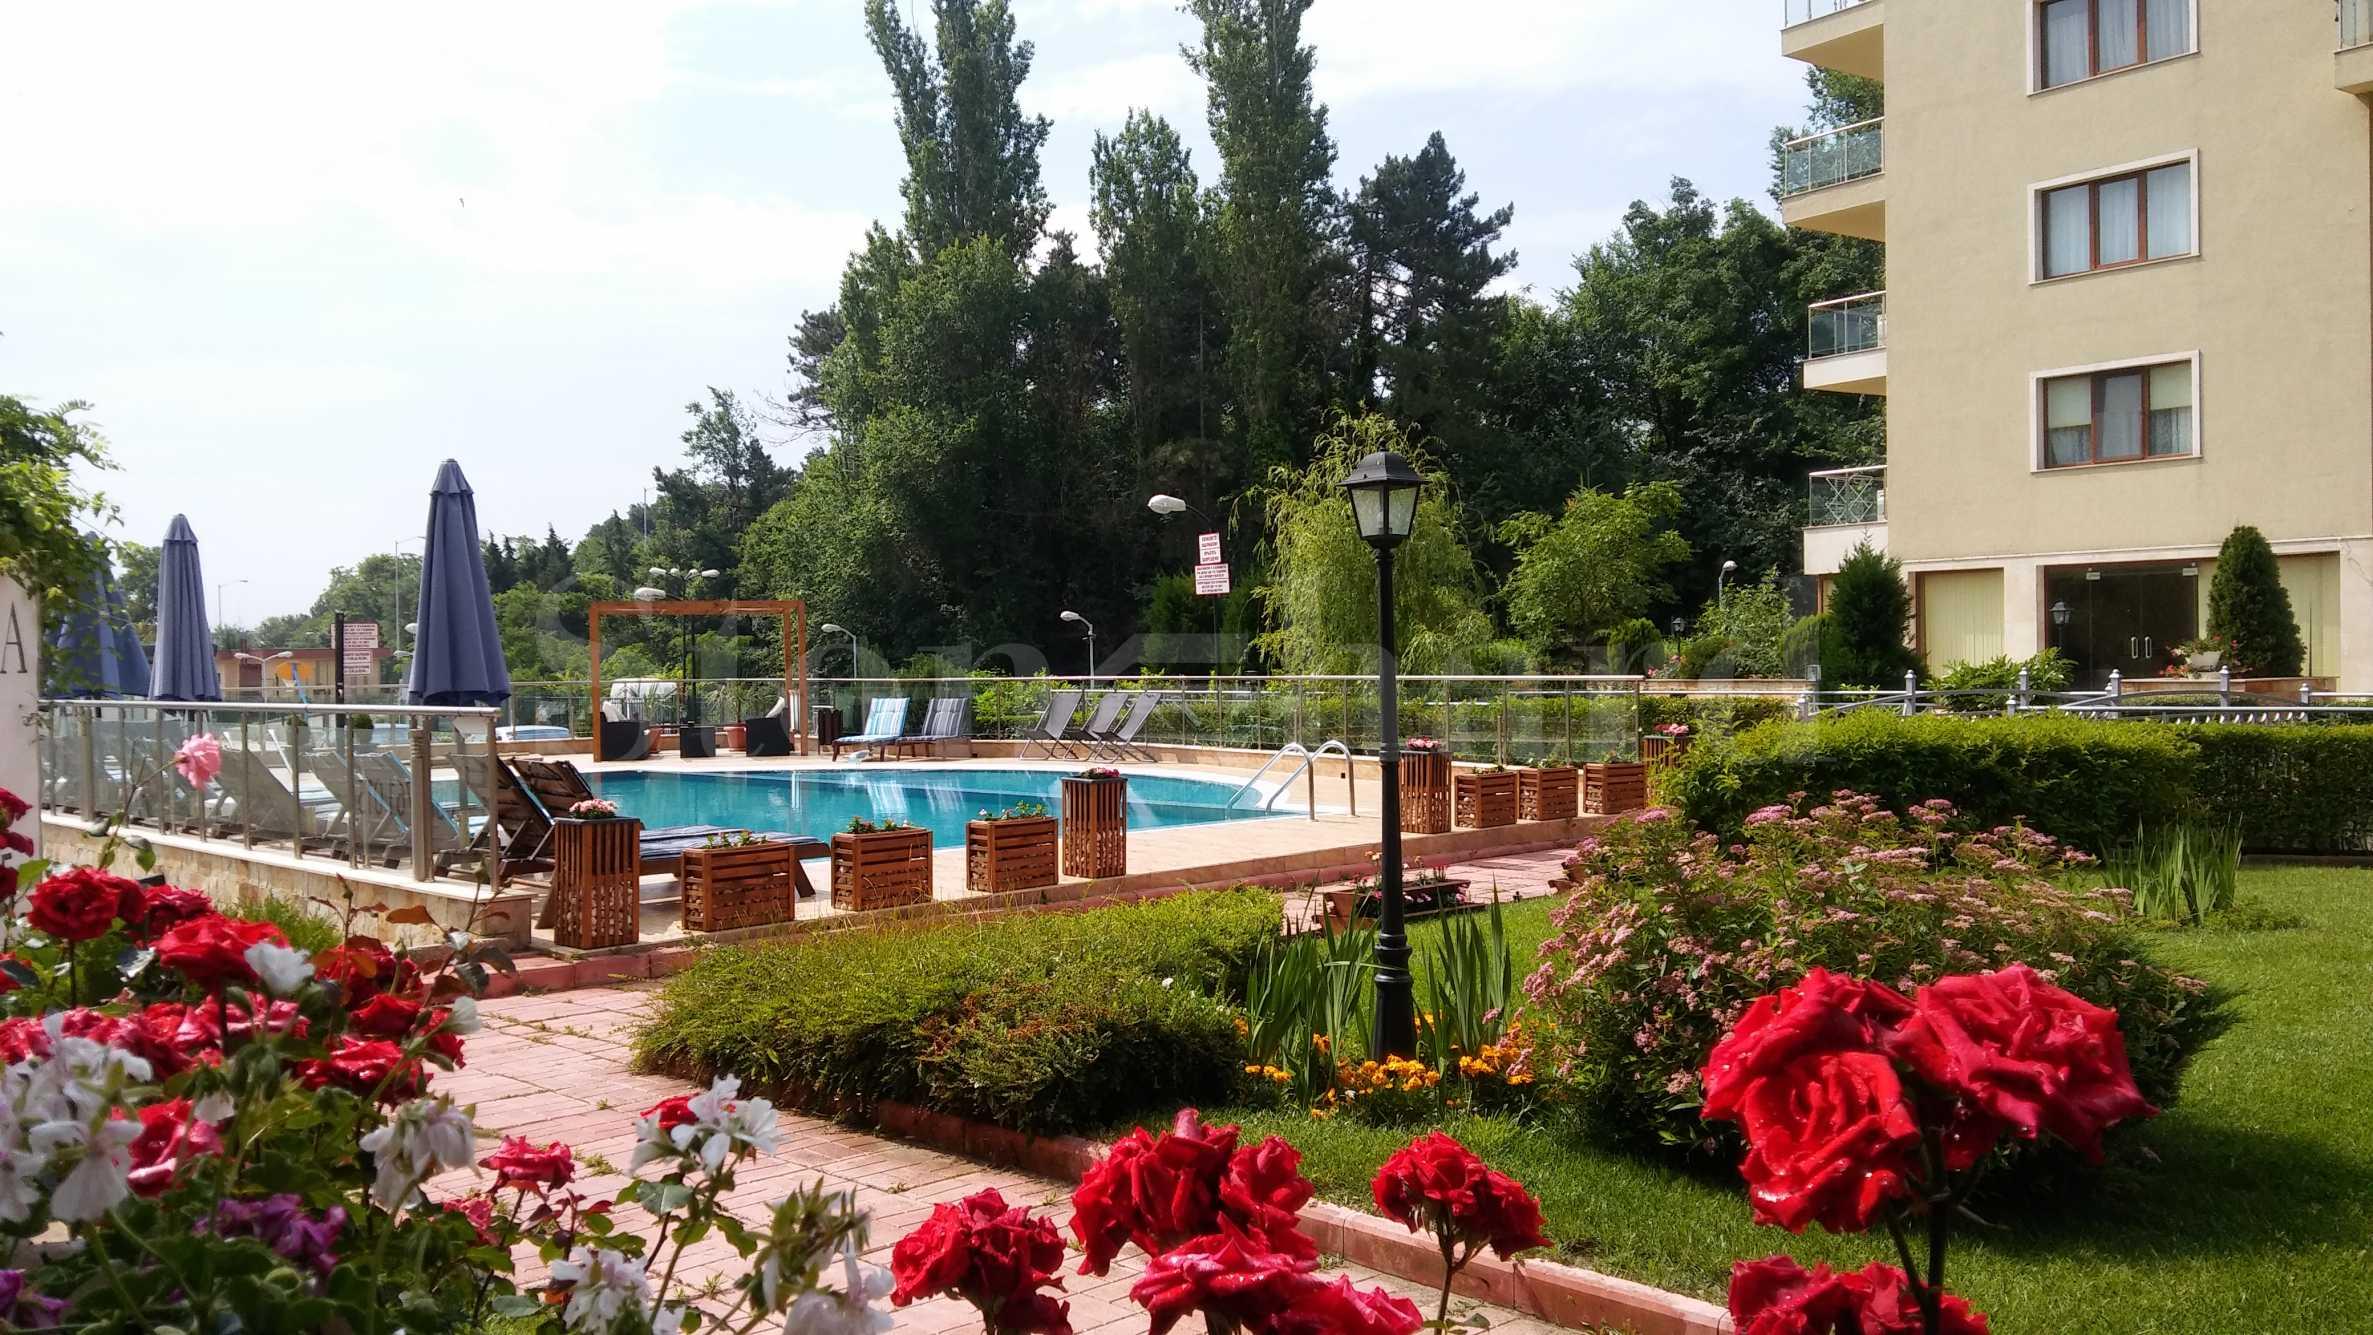 VIP Residence near the Botanical Garden2 - Stonehard